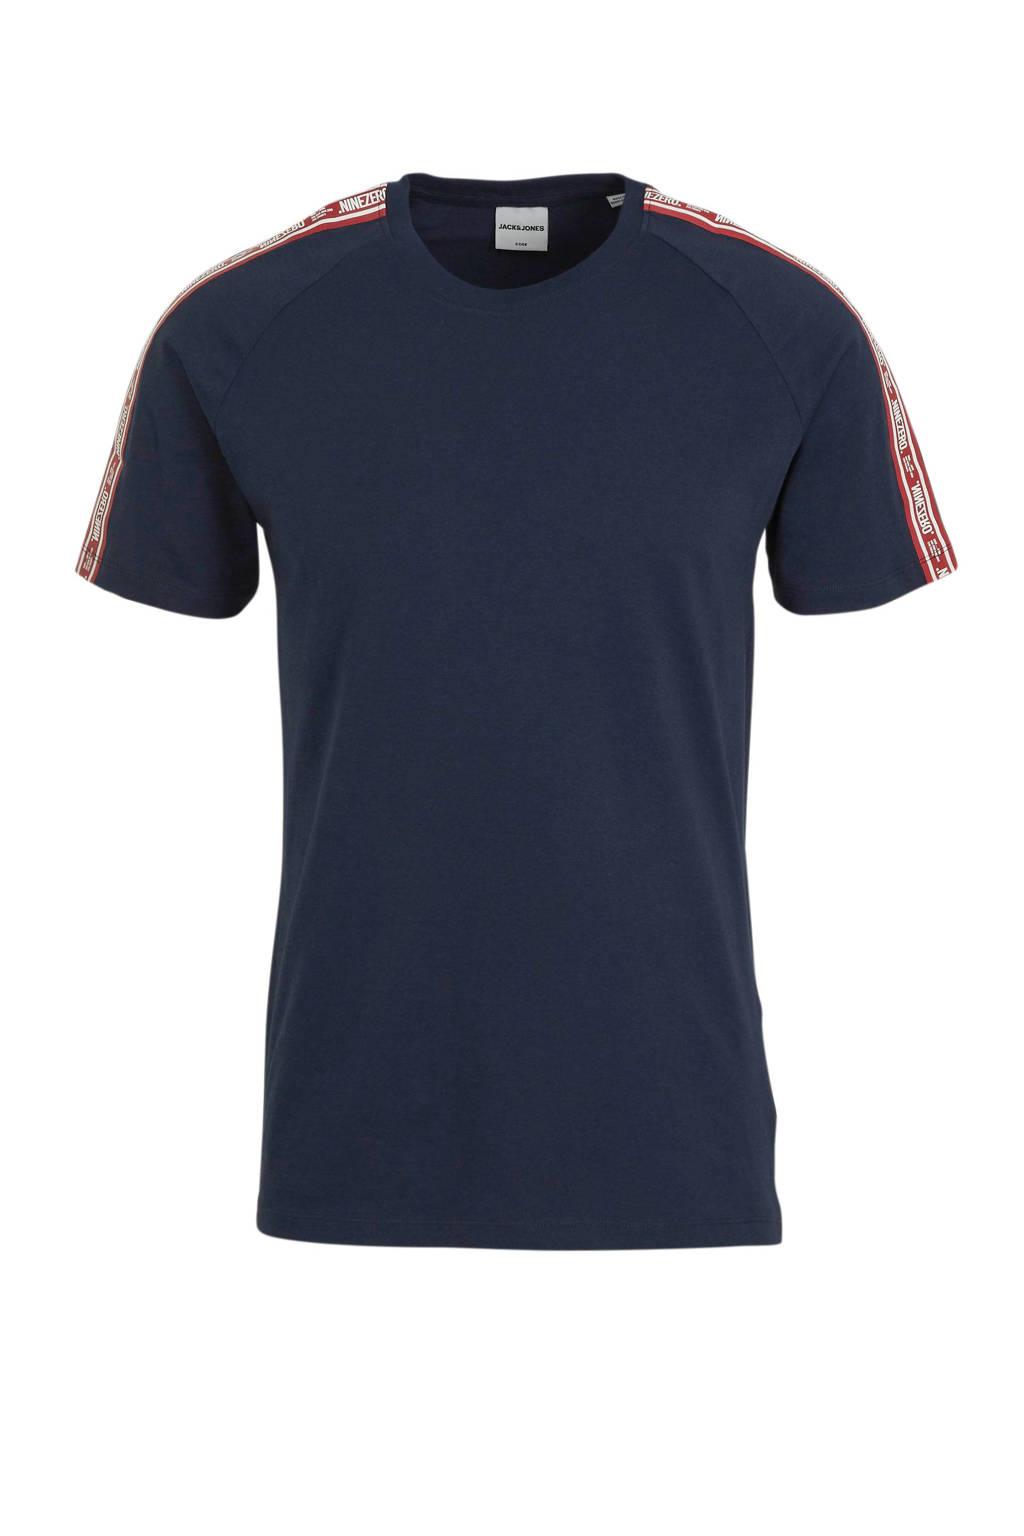 JACK & JONES CORE T-shirt Hugo donkerblauw, Marine